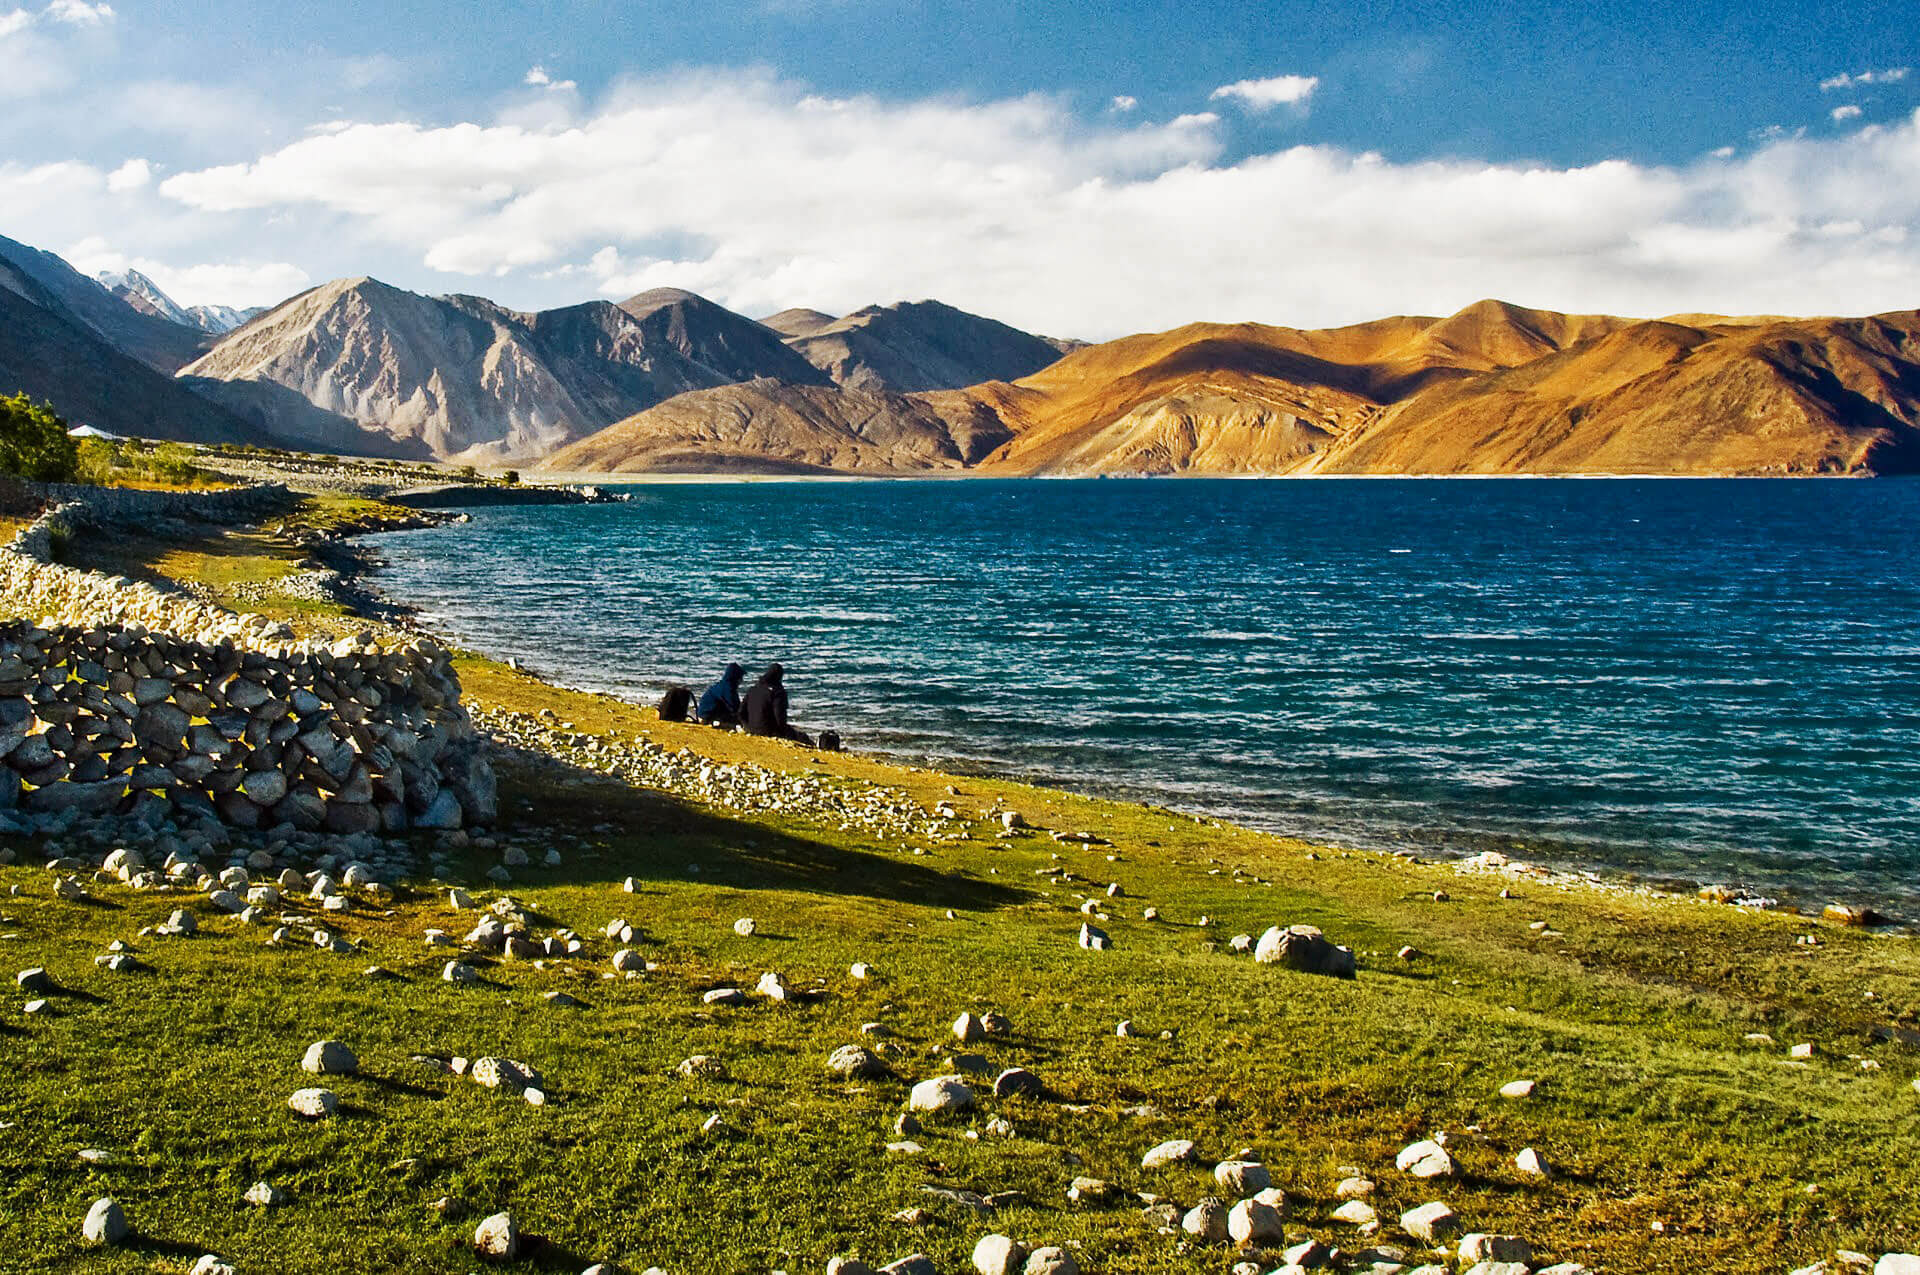 Spangmik_Ladakh_909 (1)